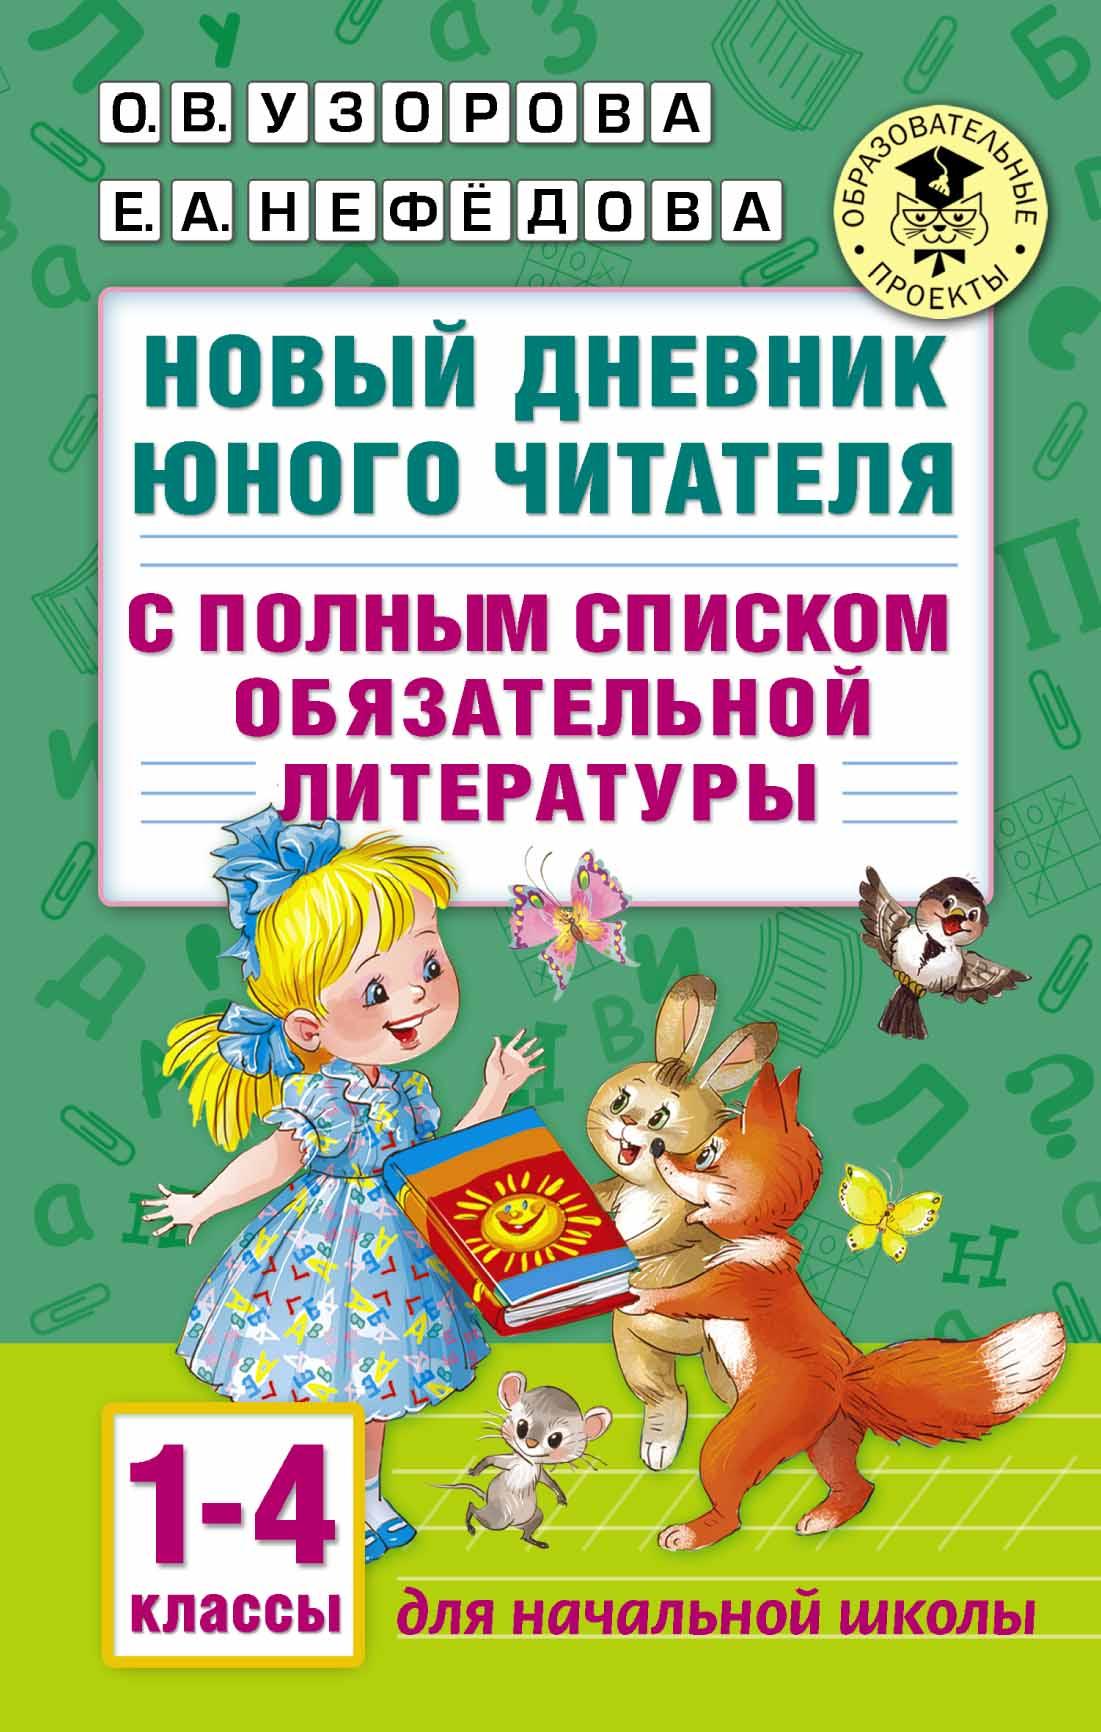 О. В. Узорова, Новый дневник юного читателя: с полным списком .